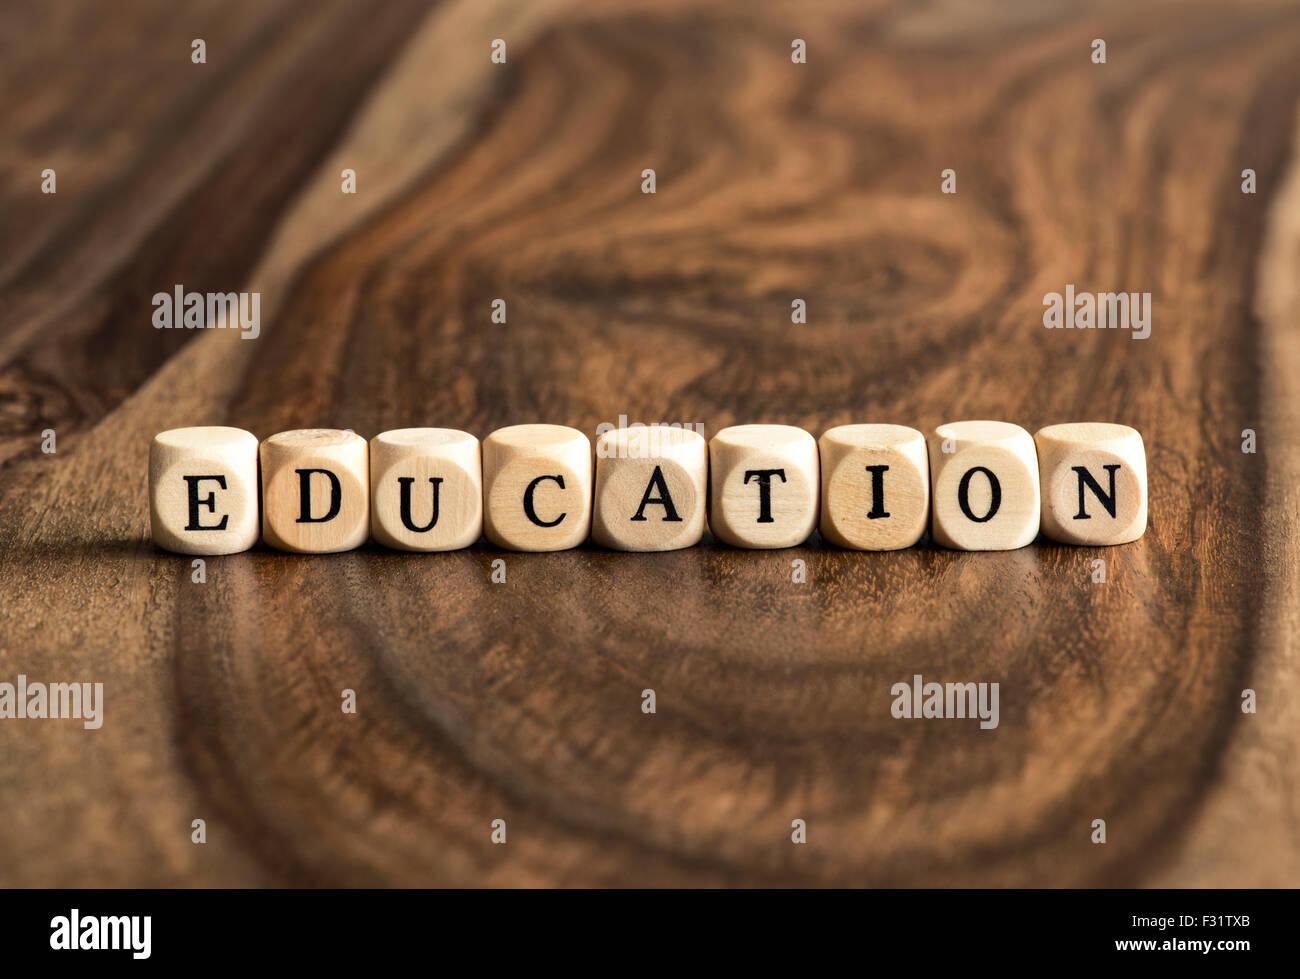 La educación word antecedentes sobre bloques de madera Imagen De Stock